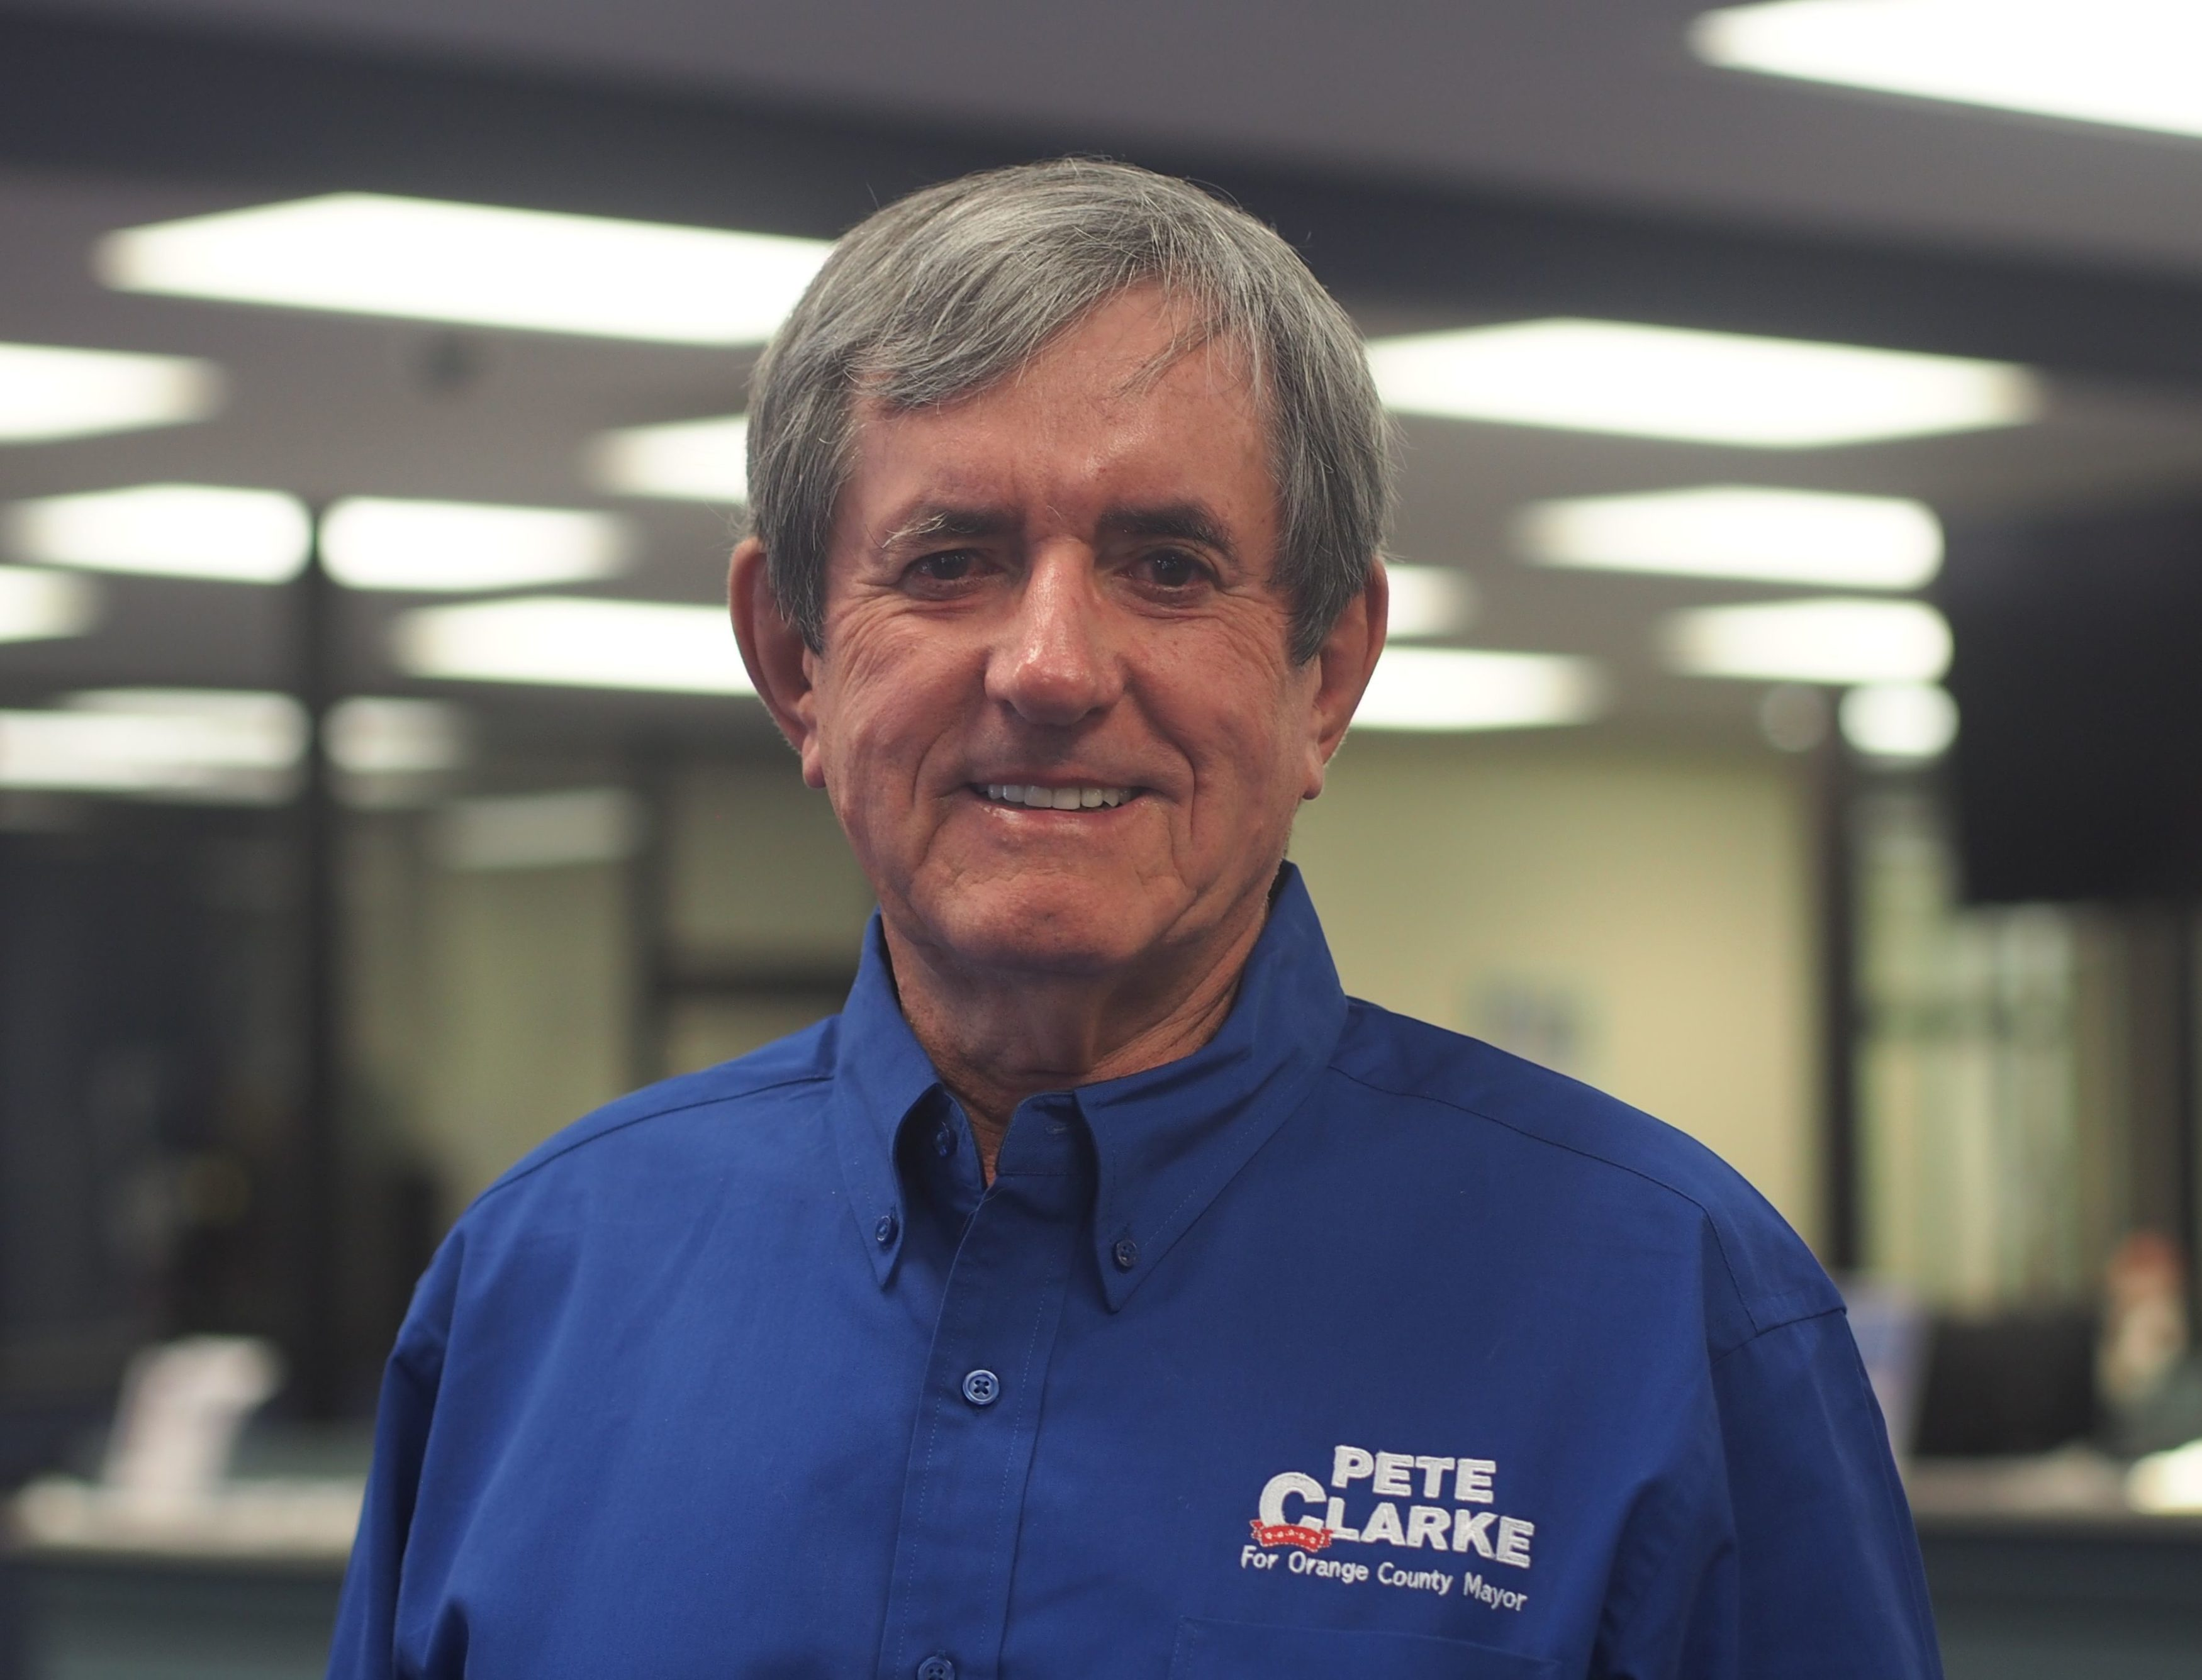 Pete Clarke